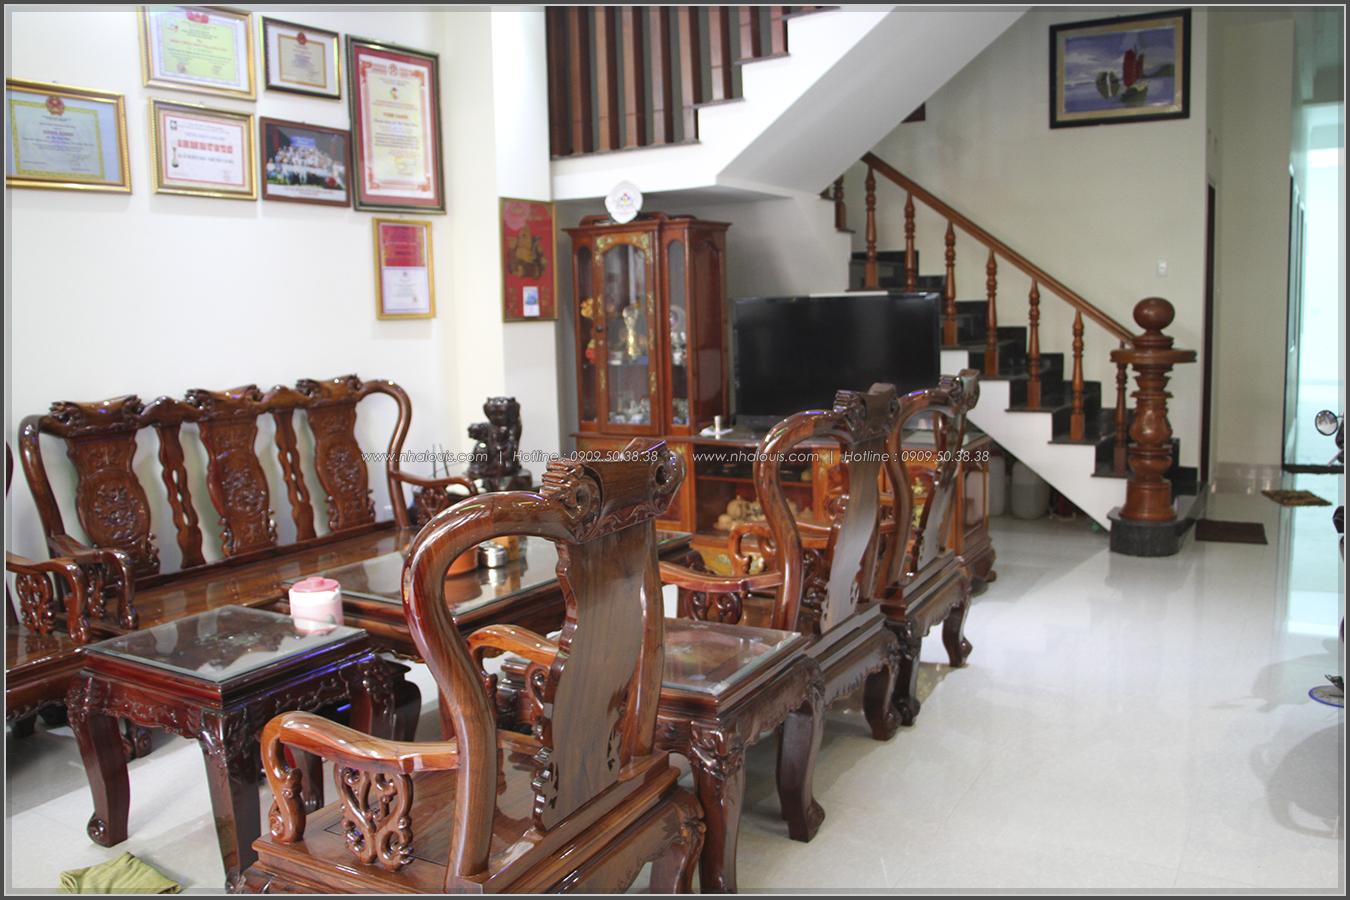 Thi công xây dựng nhà phố 3 tầng hiện đại cực chất tại quận Tân Bình - 06